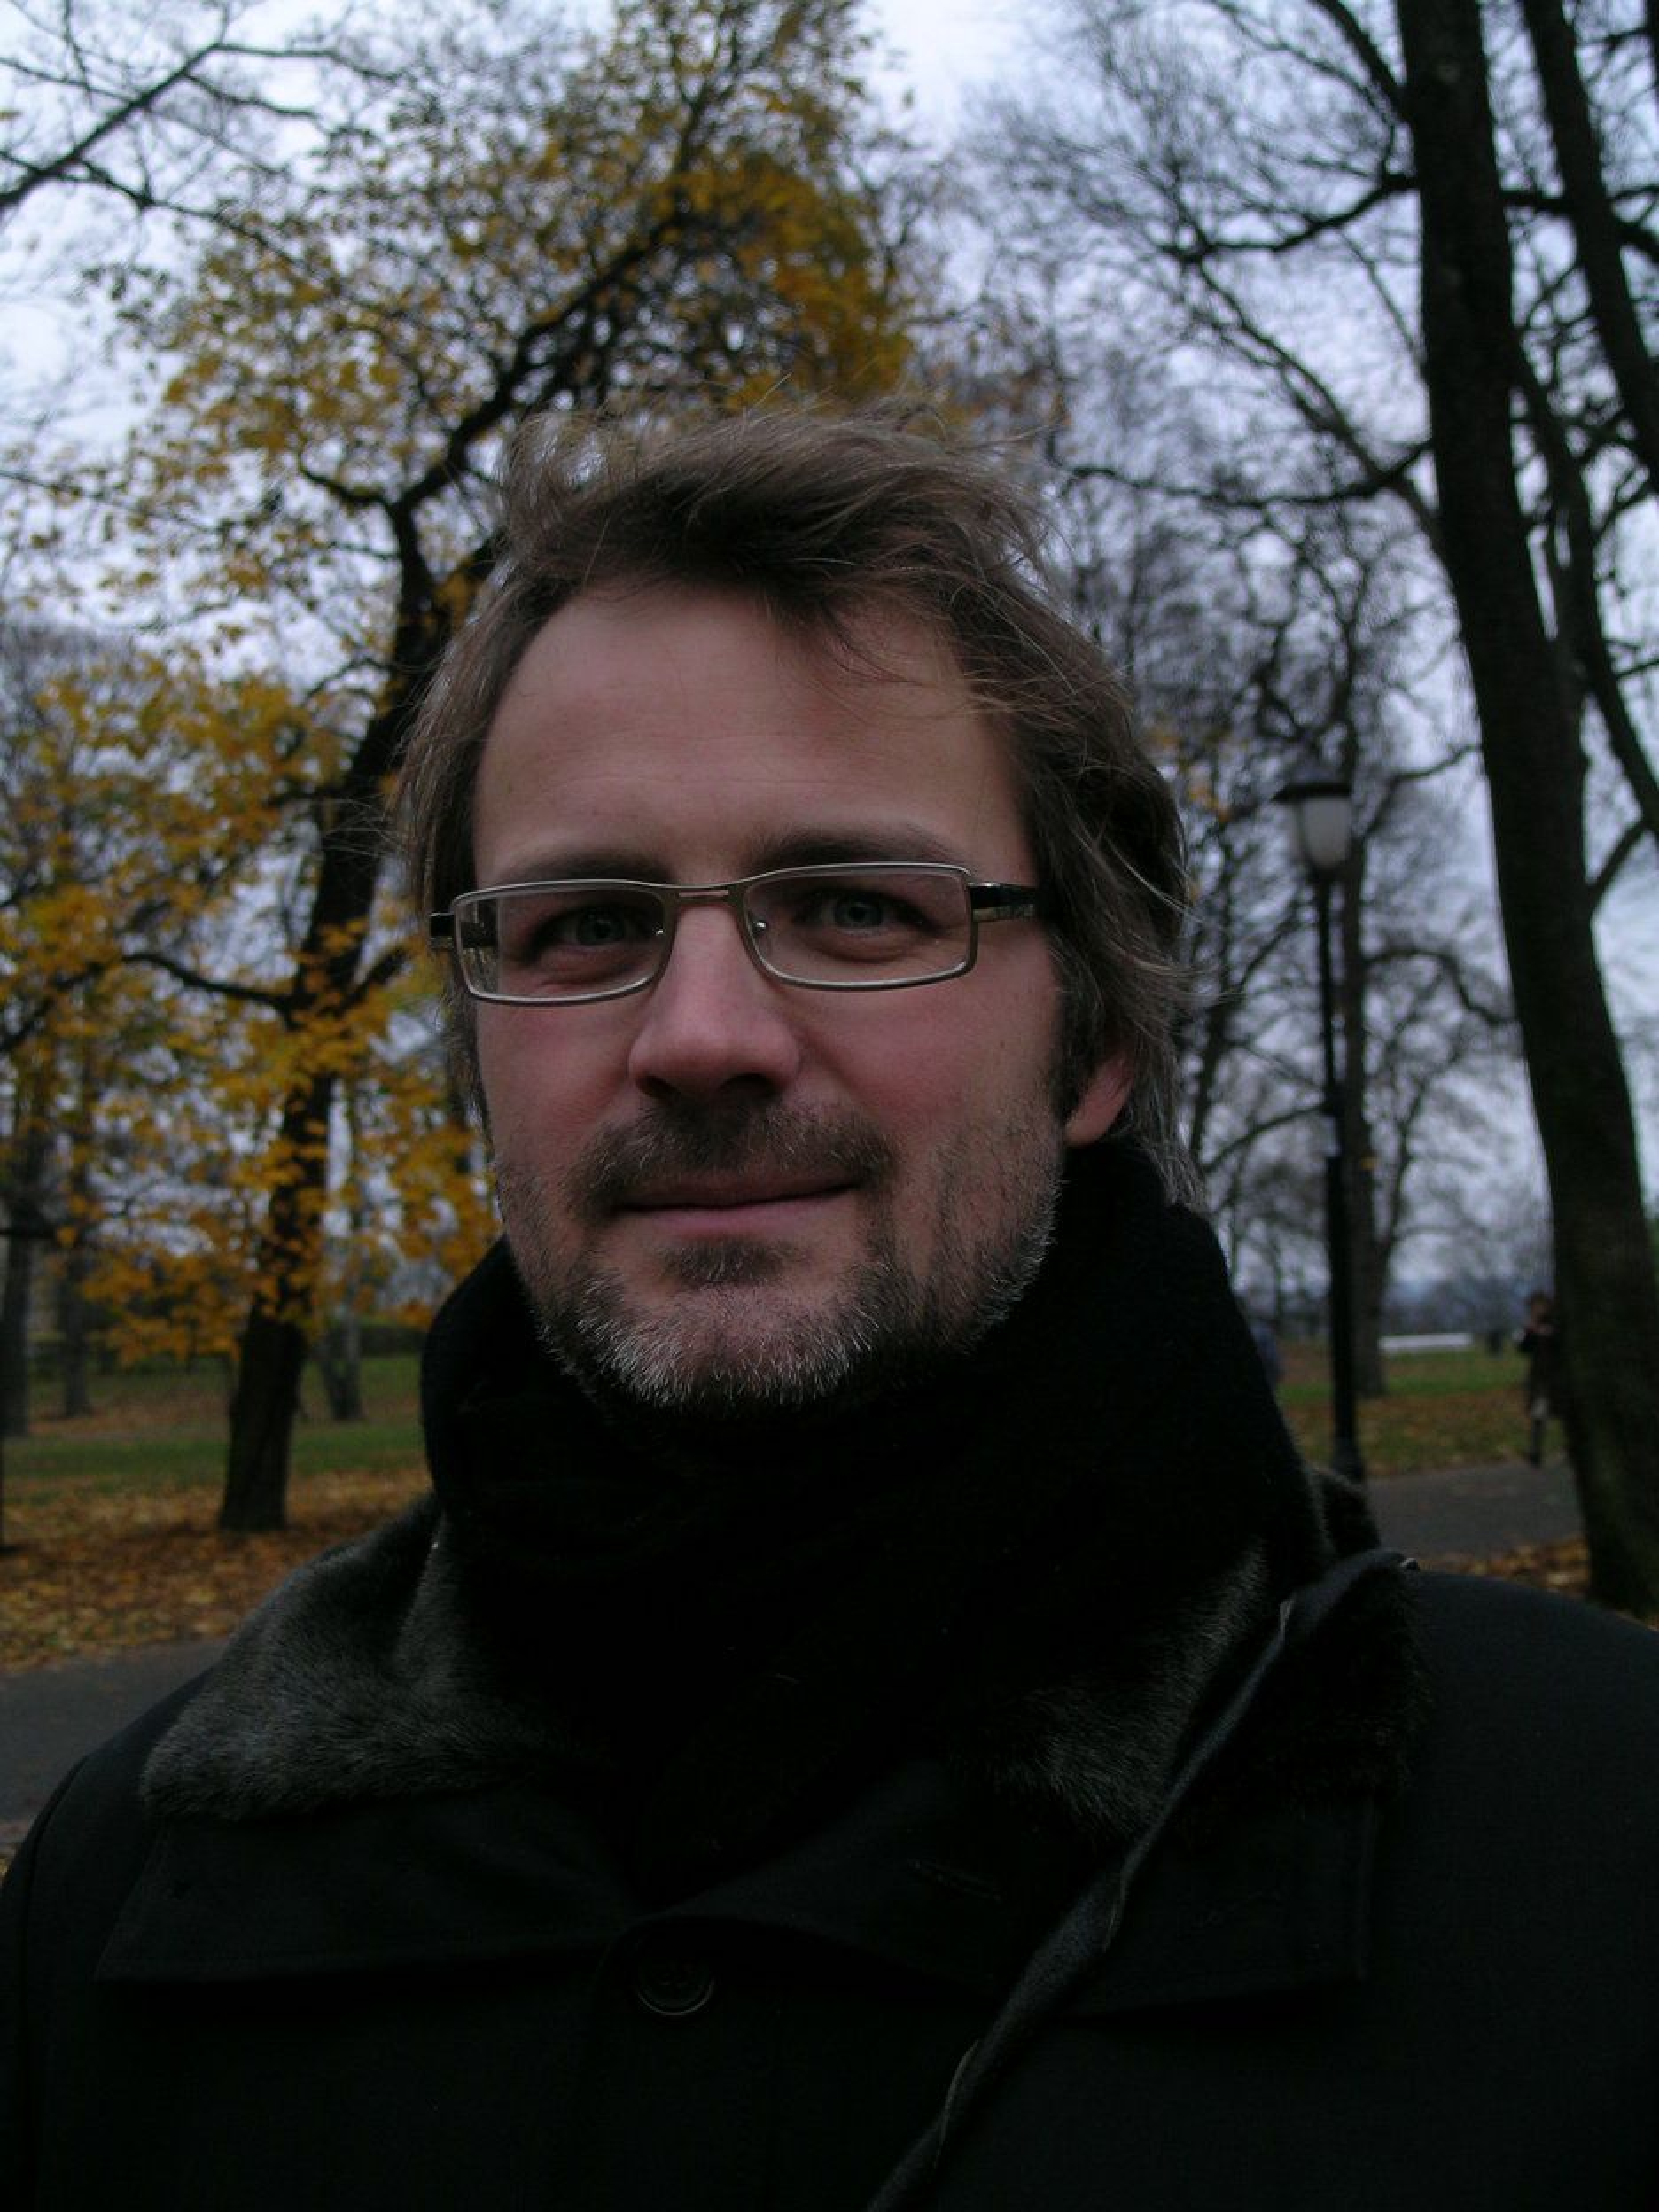 NY JOBB: Som rådgiver for Forskningsrådets program Petromaks får Reidar Müller benyttet sin kompetanse innen både sedimentologi og journalistikk.